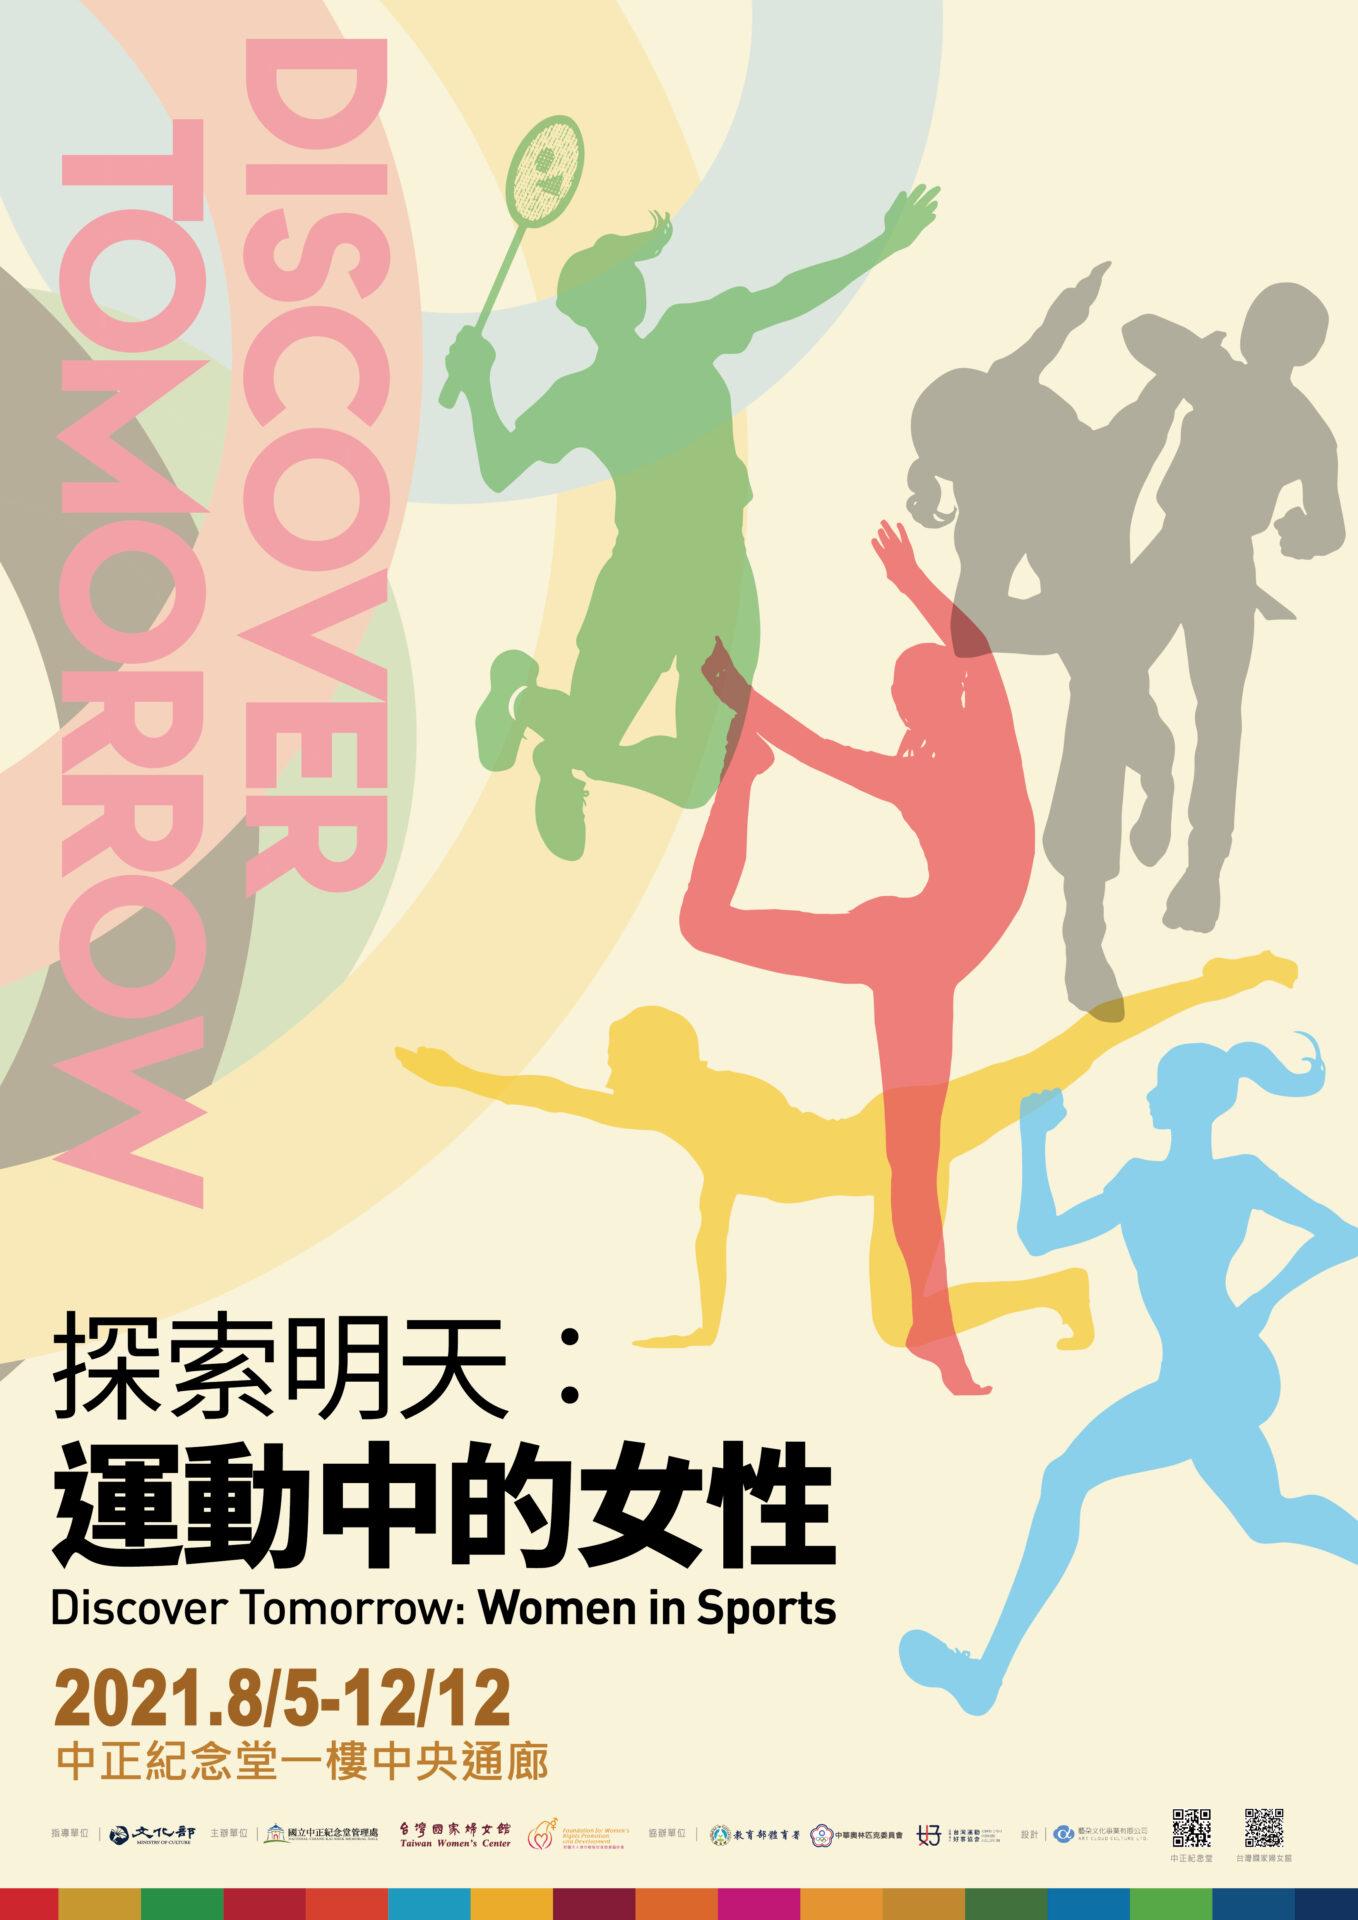 國立中正紀念堂管理處:8/5-12/12【探索明天-運動中的女性】